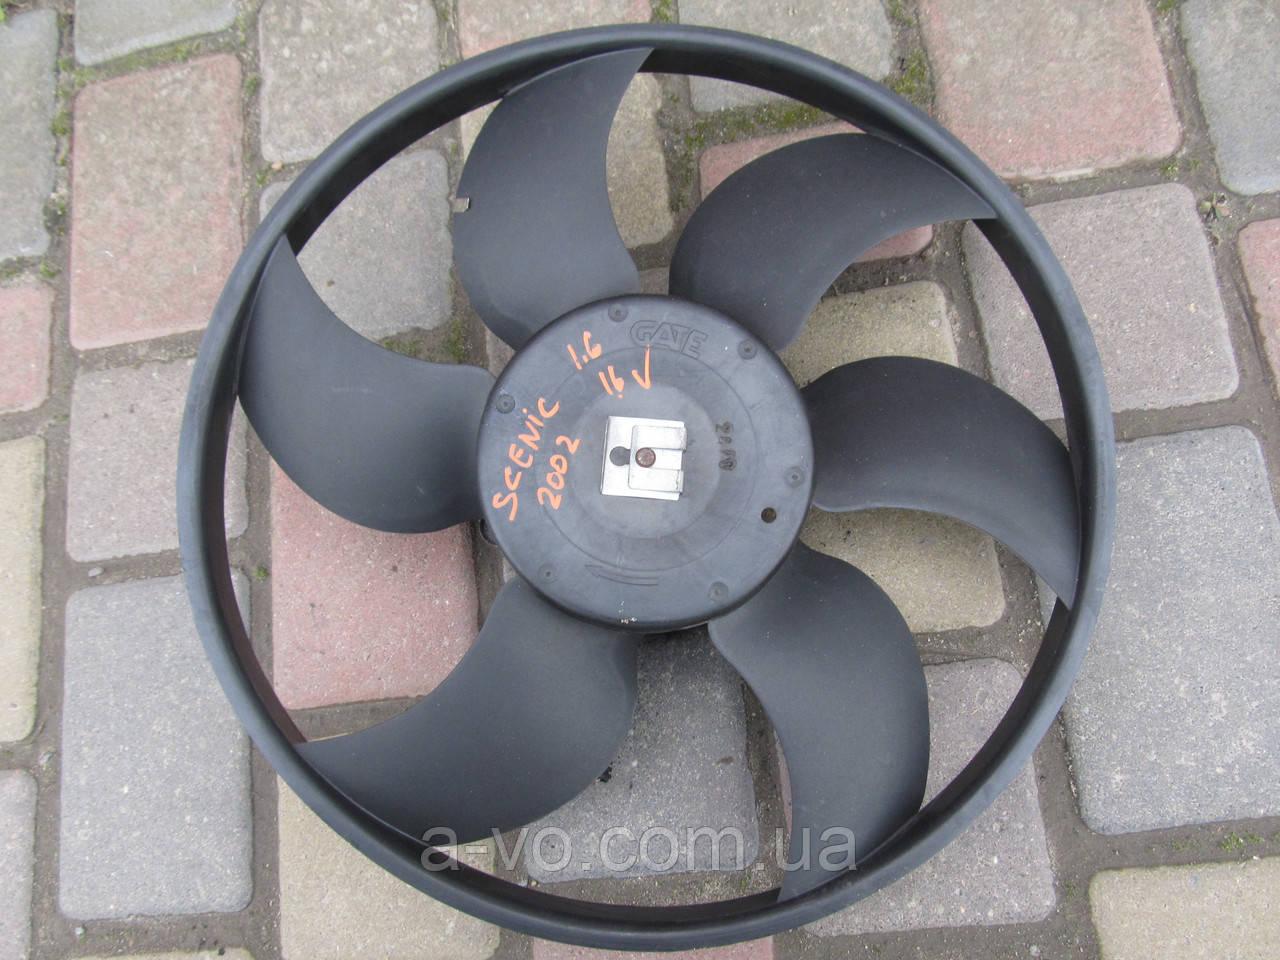 Вентилятор основного радиатора для Renault Scenic 1 Megane 1 2002